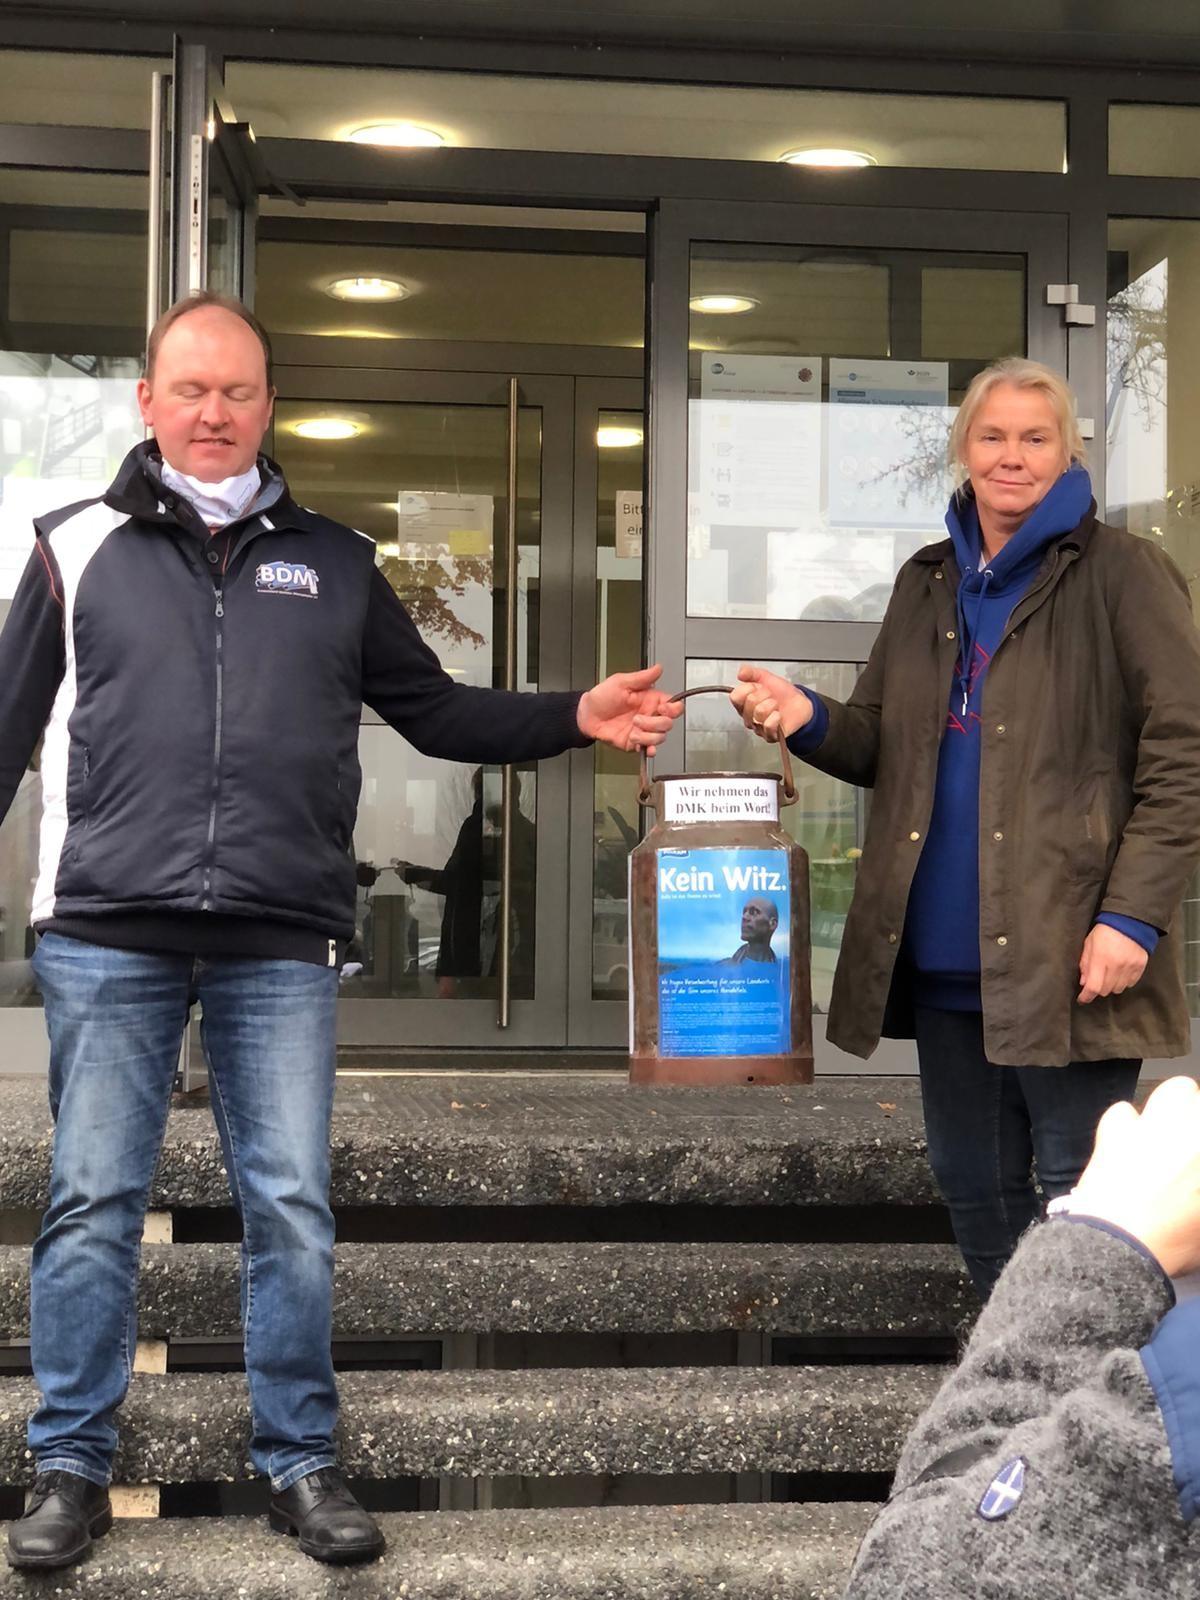 Landwirte übergeben die Forderungen an die DMK - Deutsches Milchkontor in Everswinkel